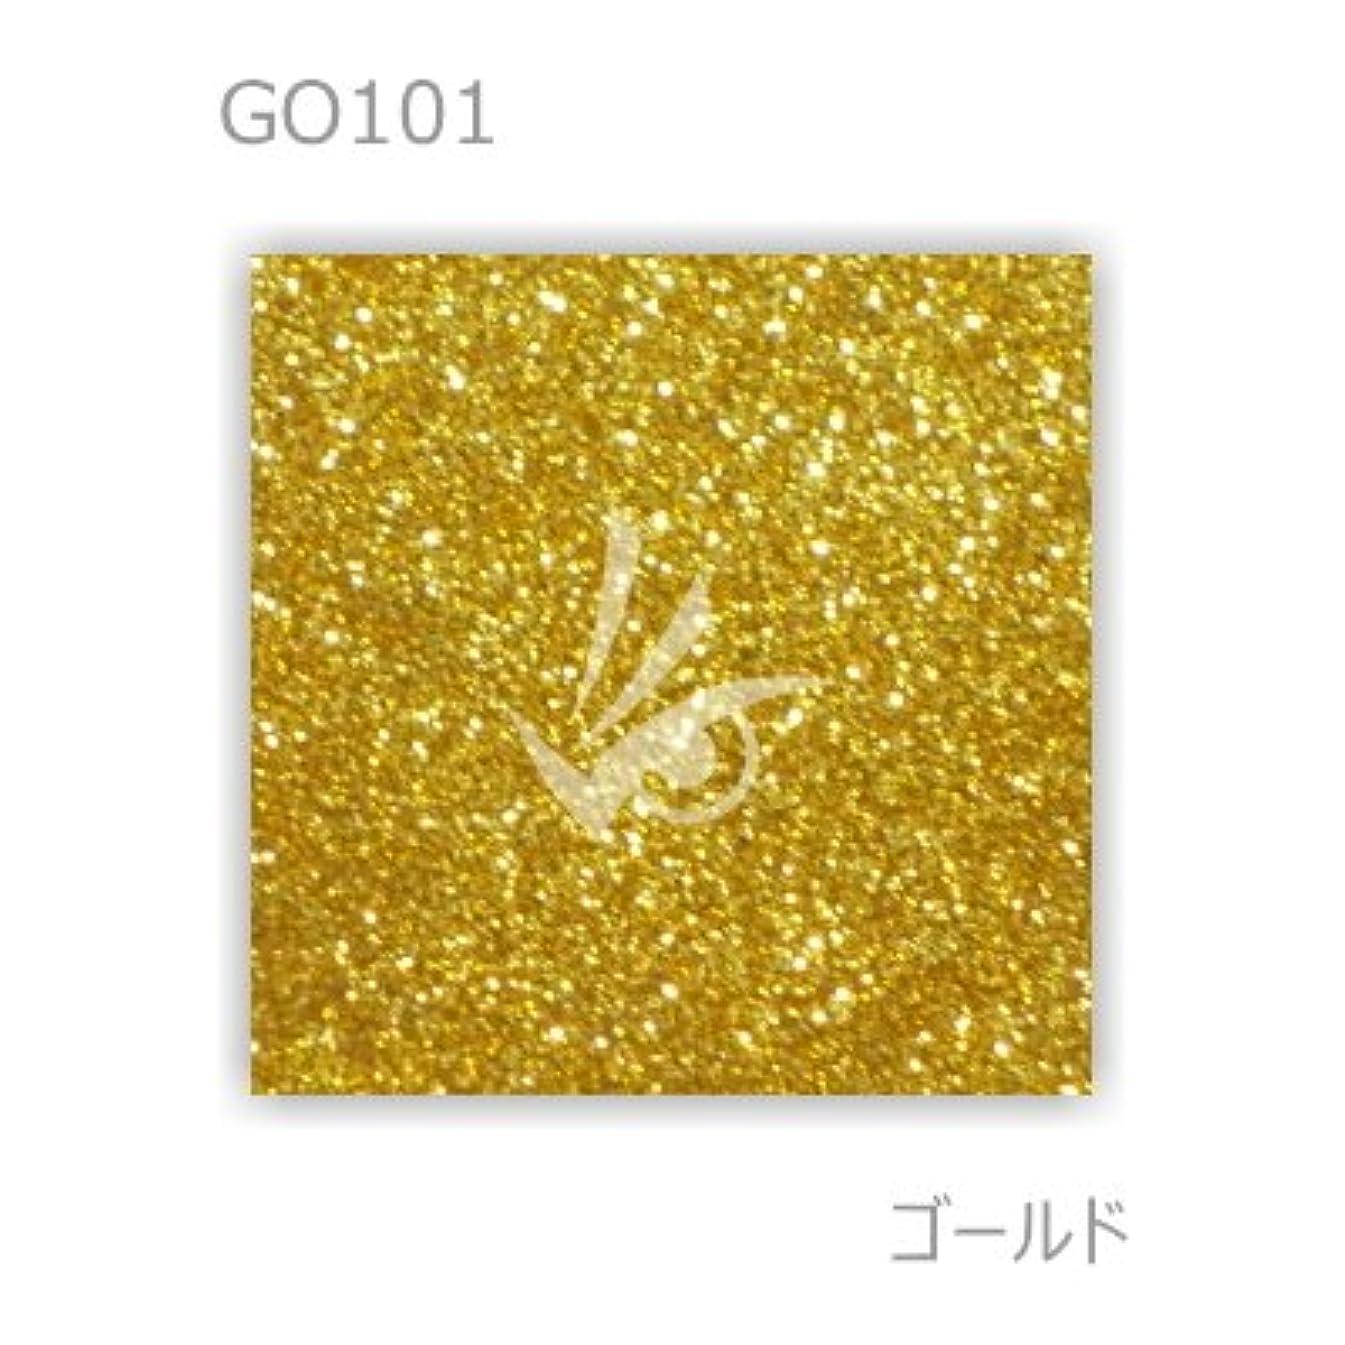 その後アンドリューハリディ小学生業務用 グリッター ラメパウダー ホログラム (ゴールド) (500g) (0.2mm)